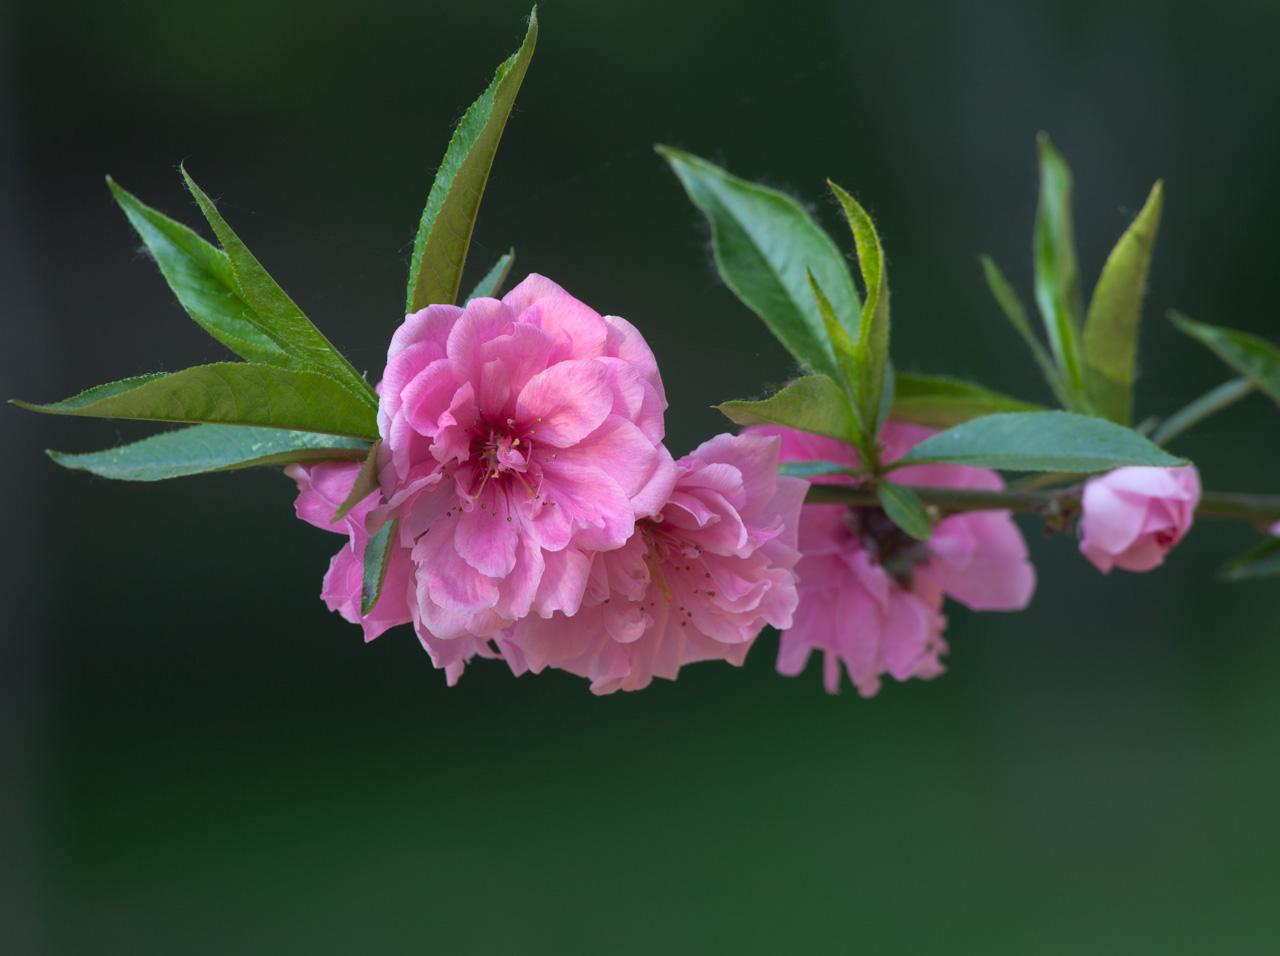 碧桃的繁殖及养护方法是什么